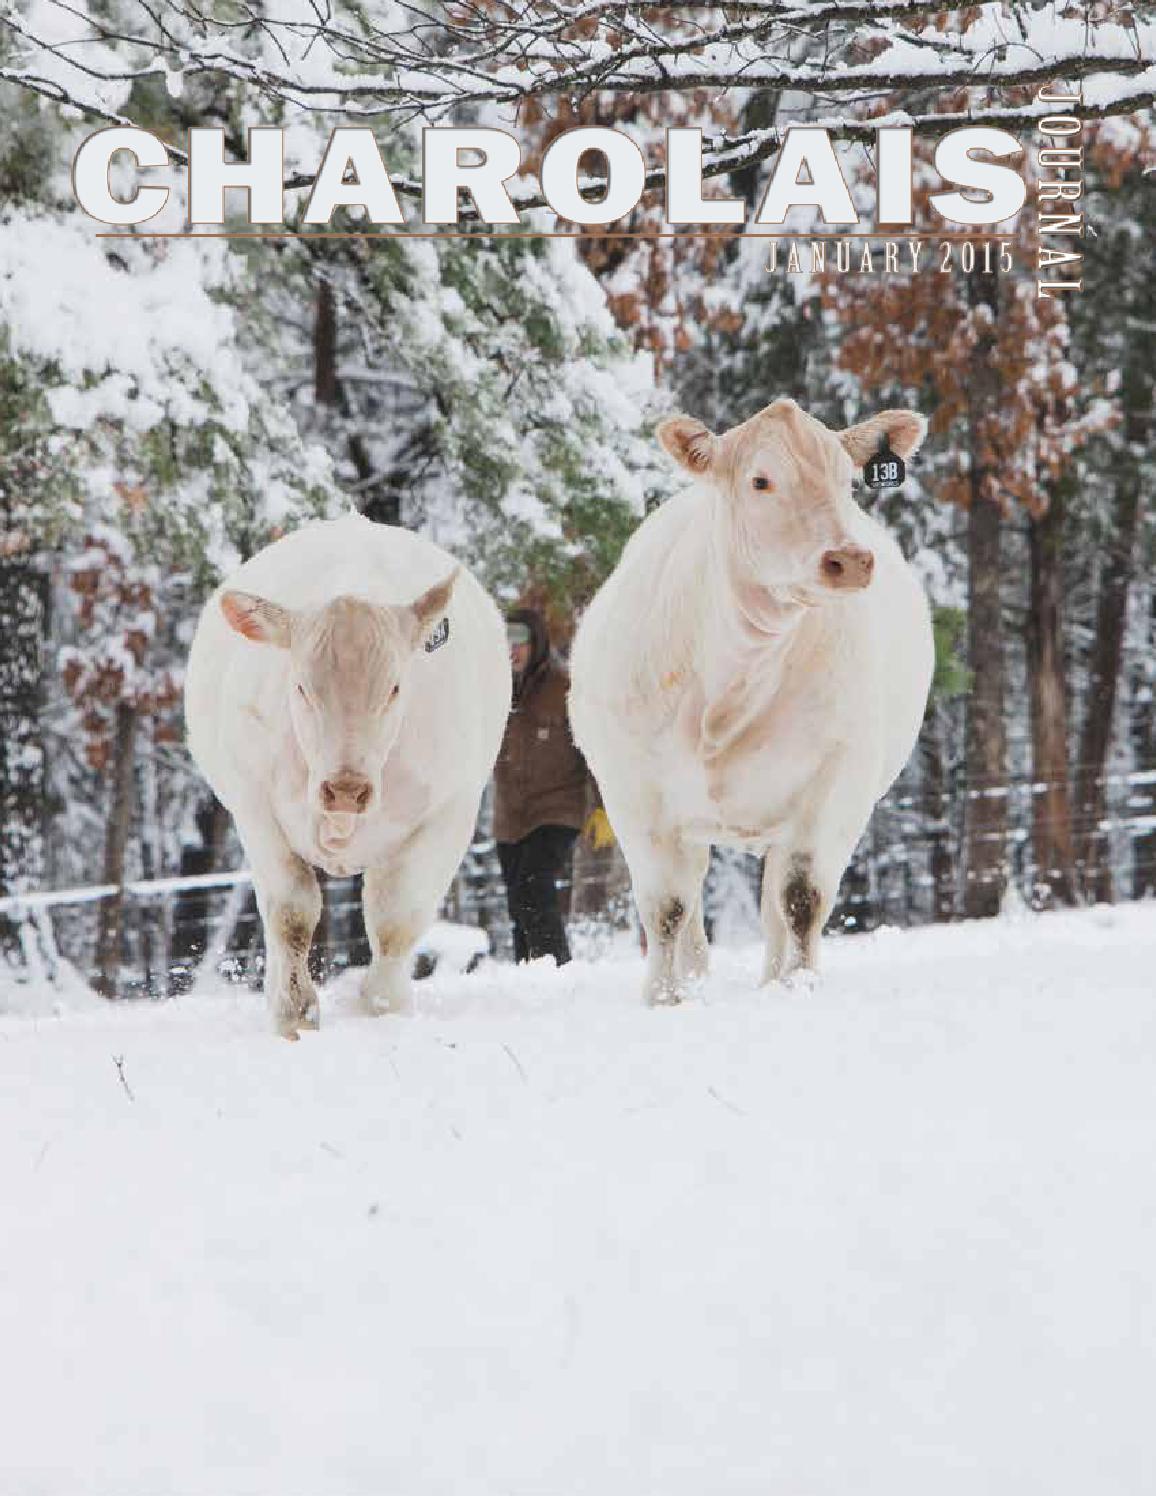 Nubbin, um hayden winter zu sehen foto 1